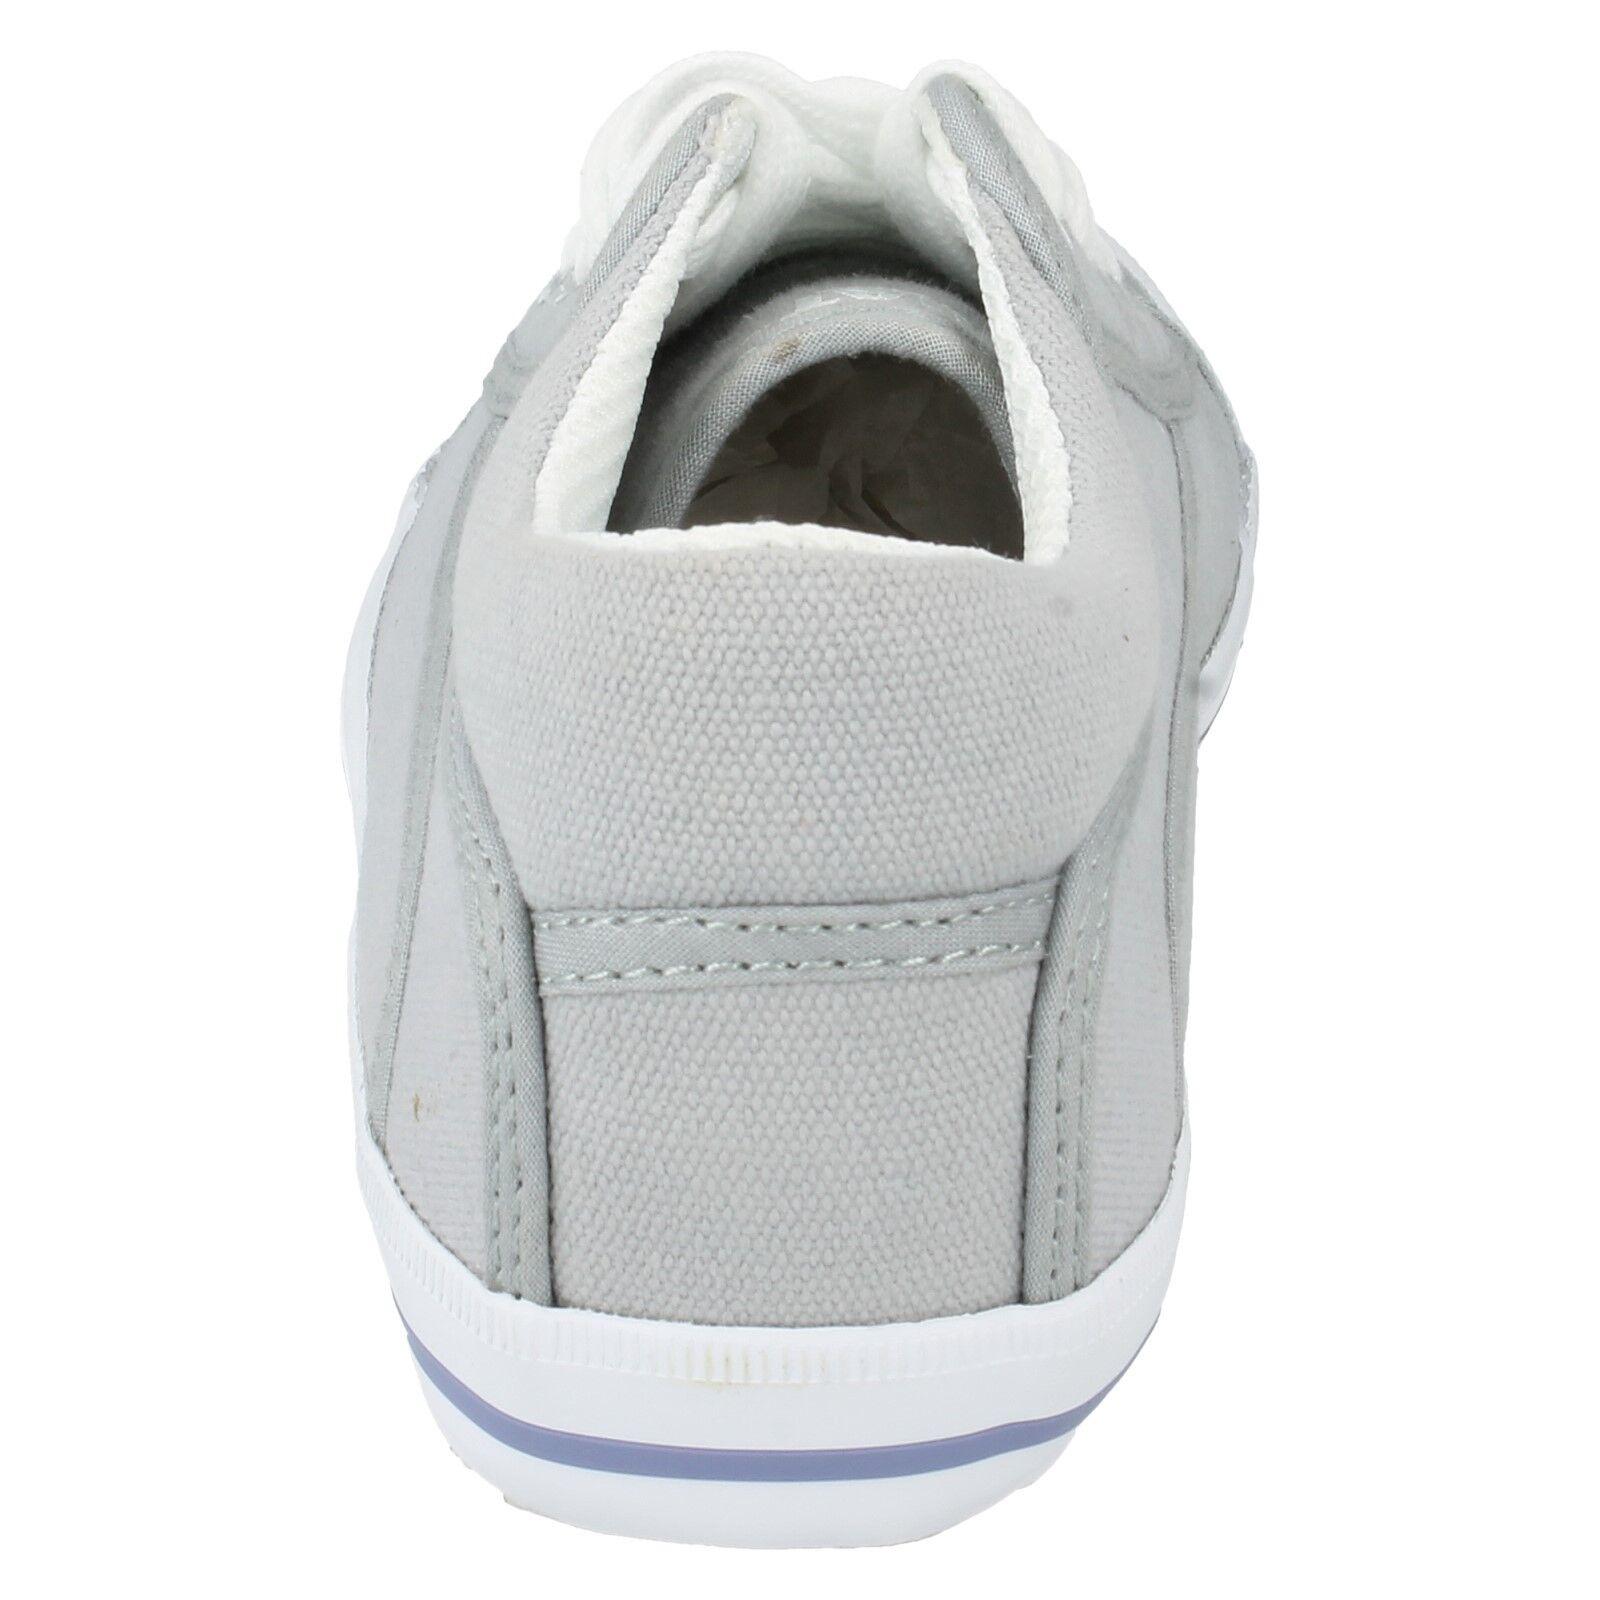 la taille de la dentelle toile caterpillar de femmes formateurs occasionnels femmes de pomp es chaussur es rendez 0a81c6